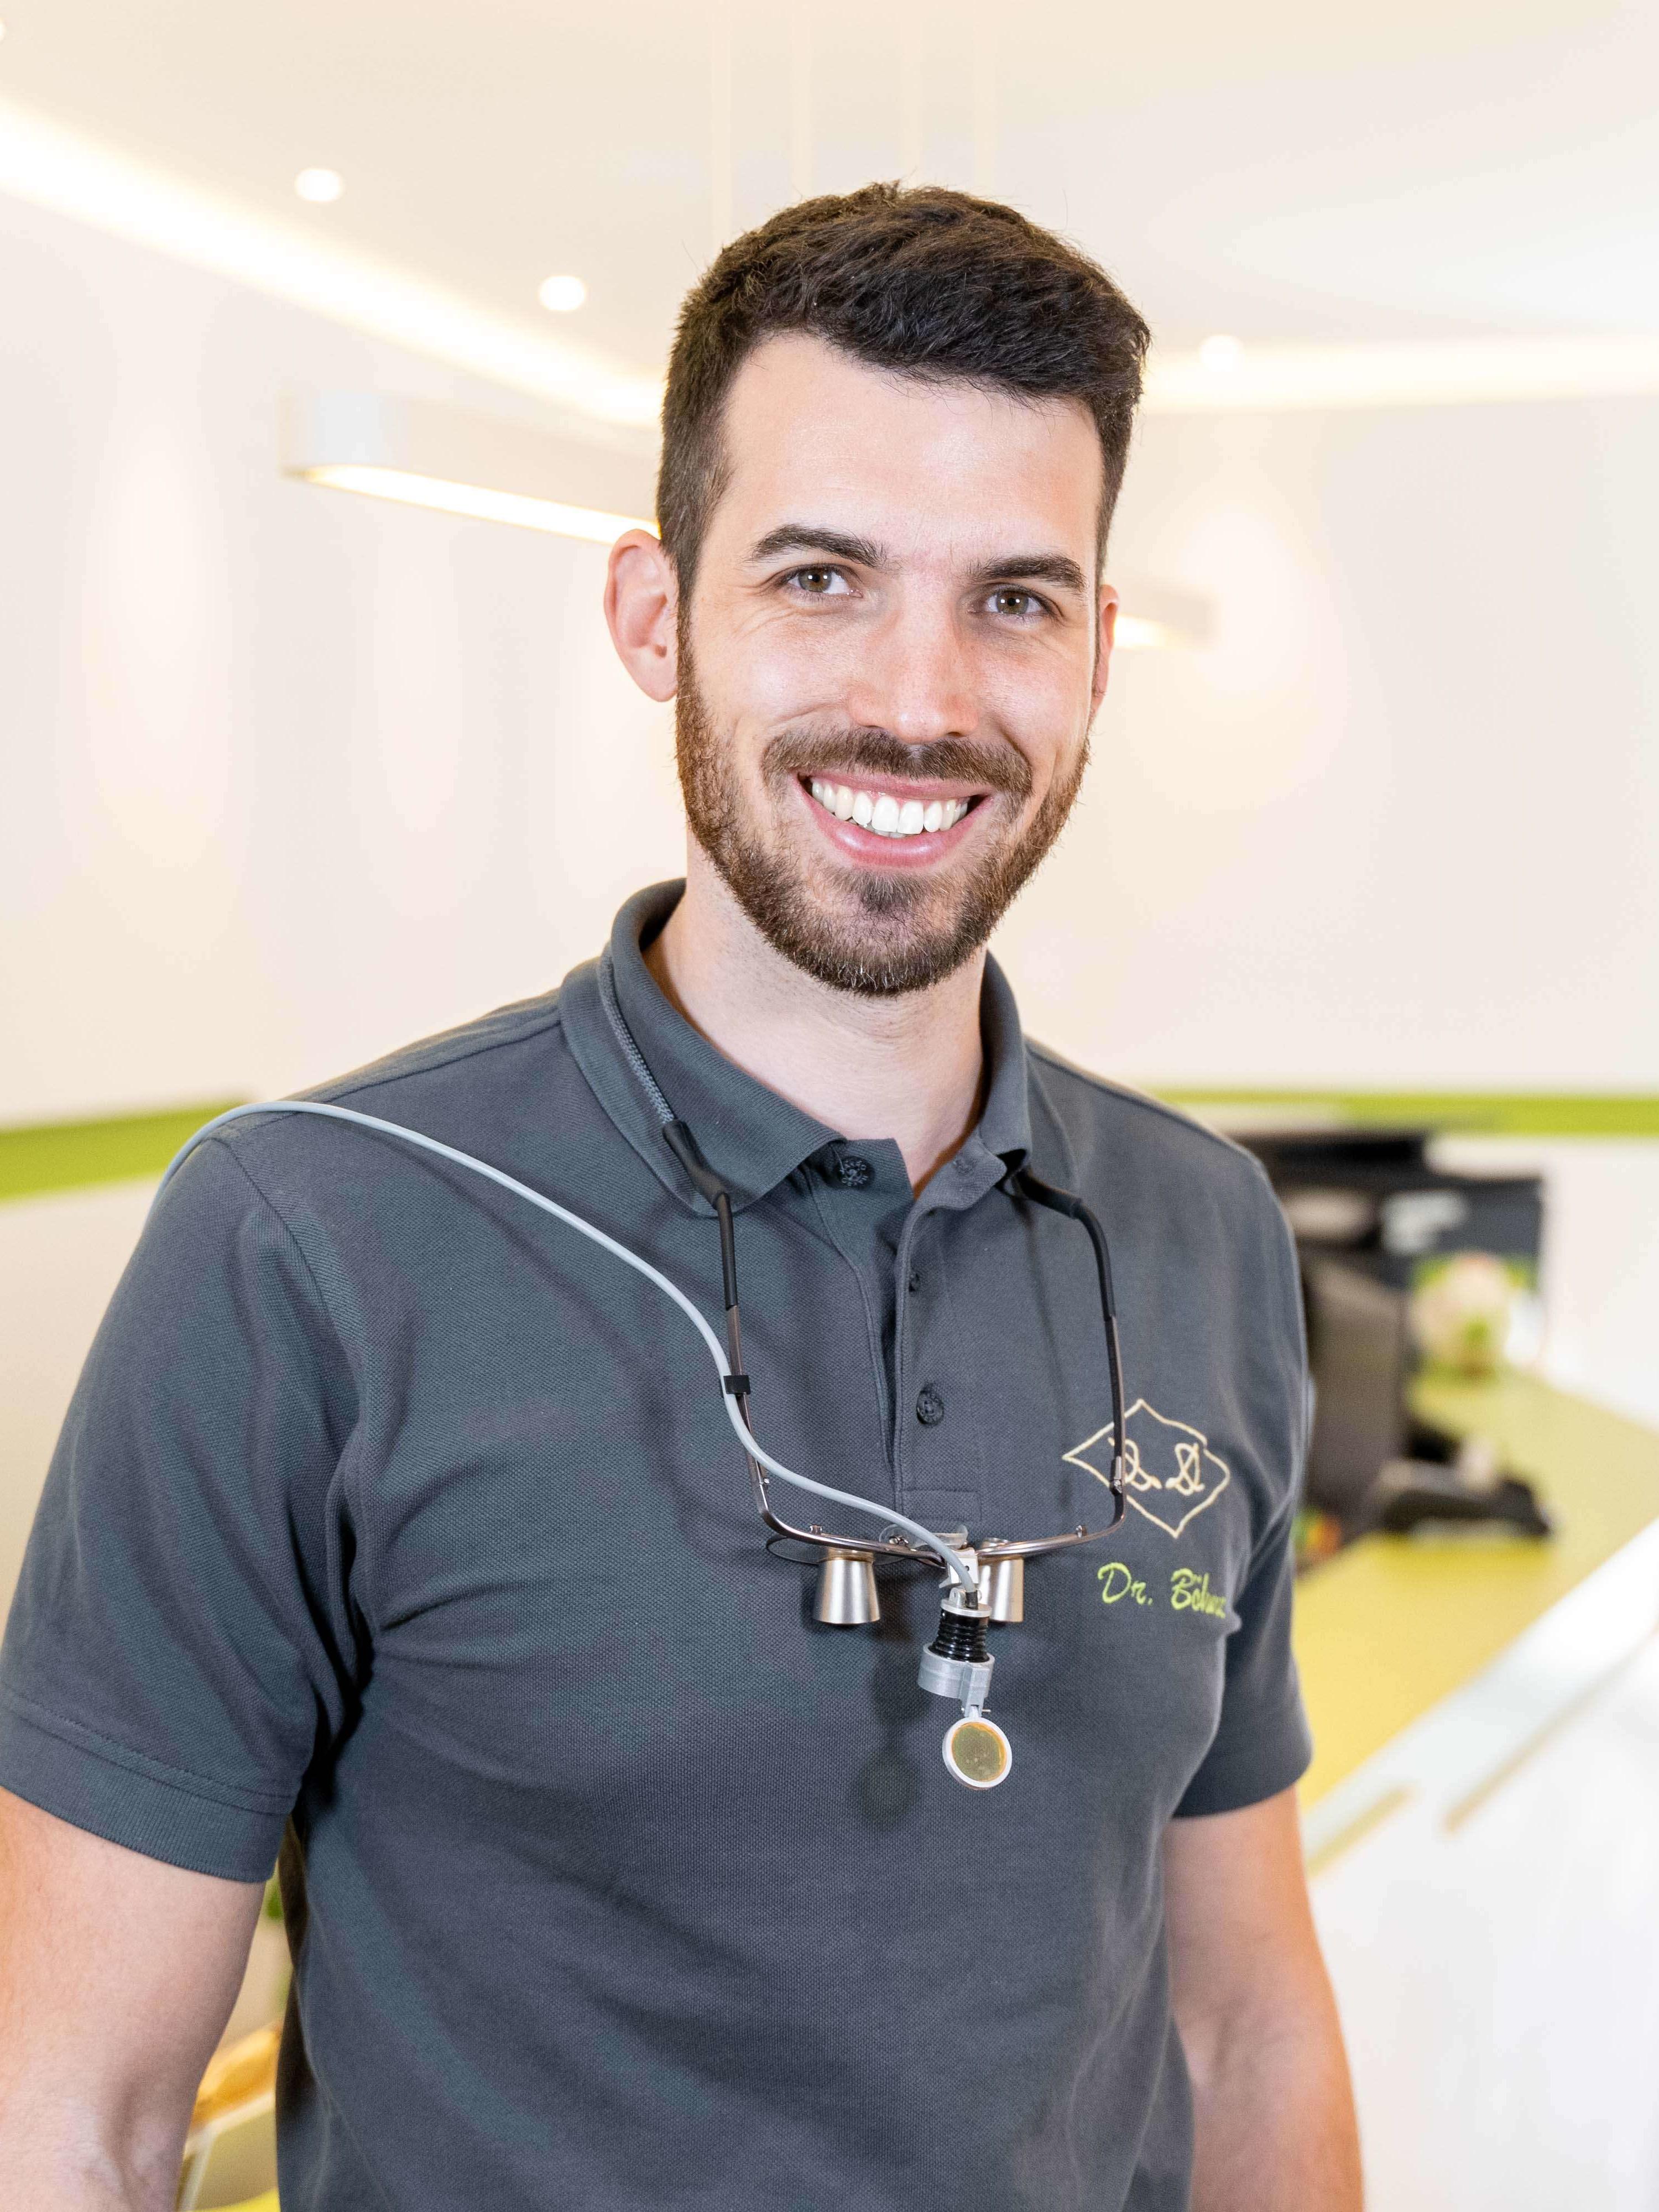 Dr. Böhme Zahnarzt Rüsselsheim Dieudonné